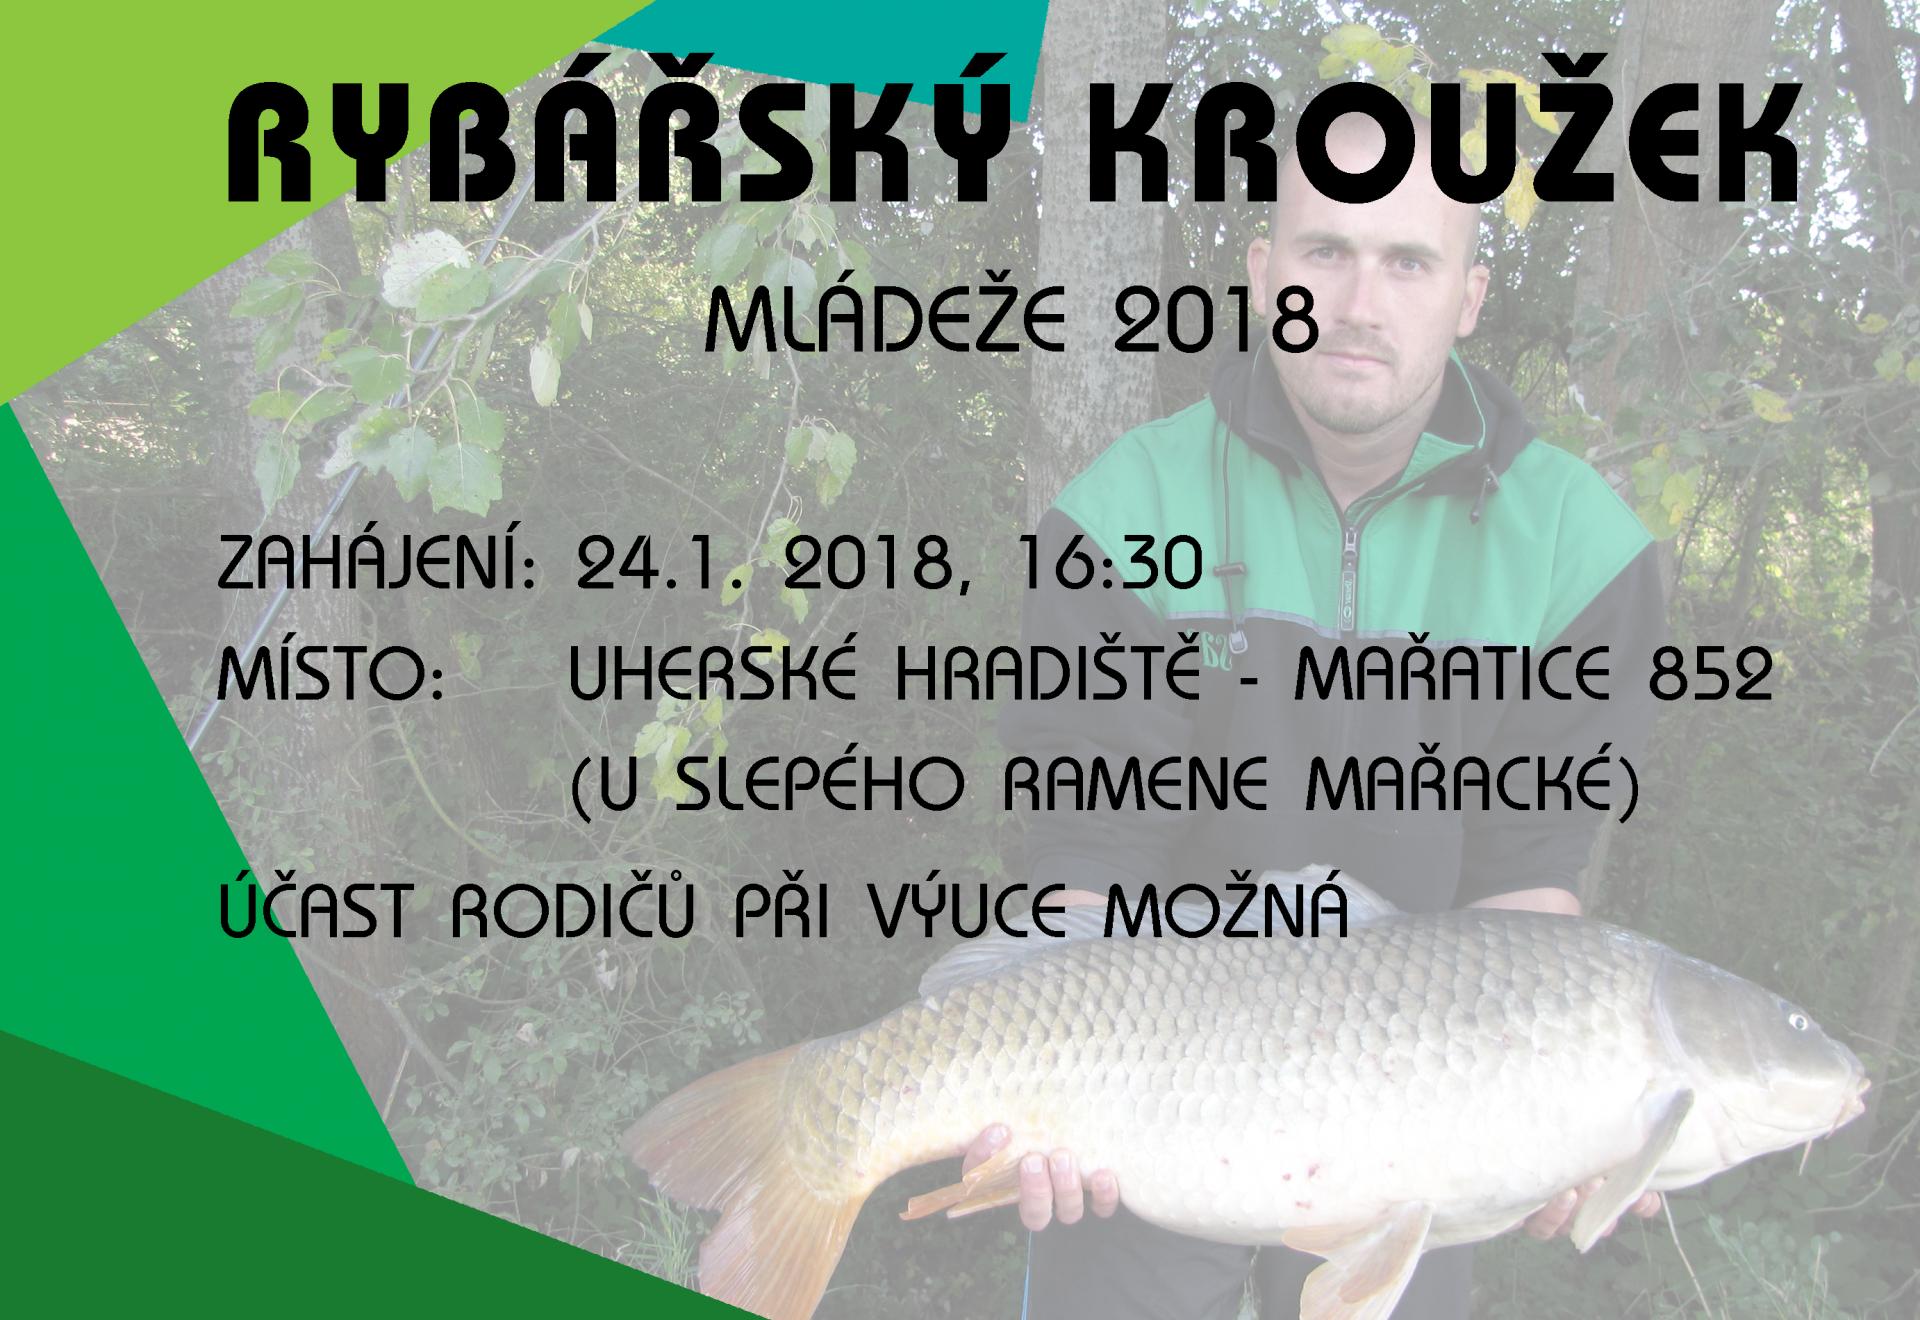 Zahájení Rybářského kroužku mládeže proběhne 24.1.2018